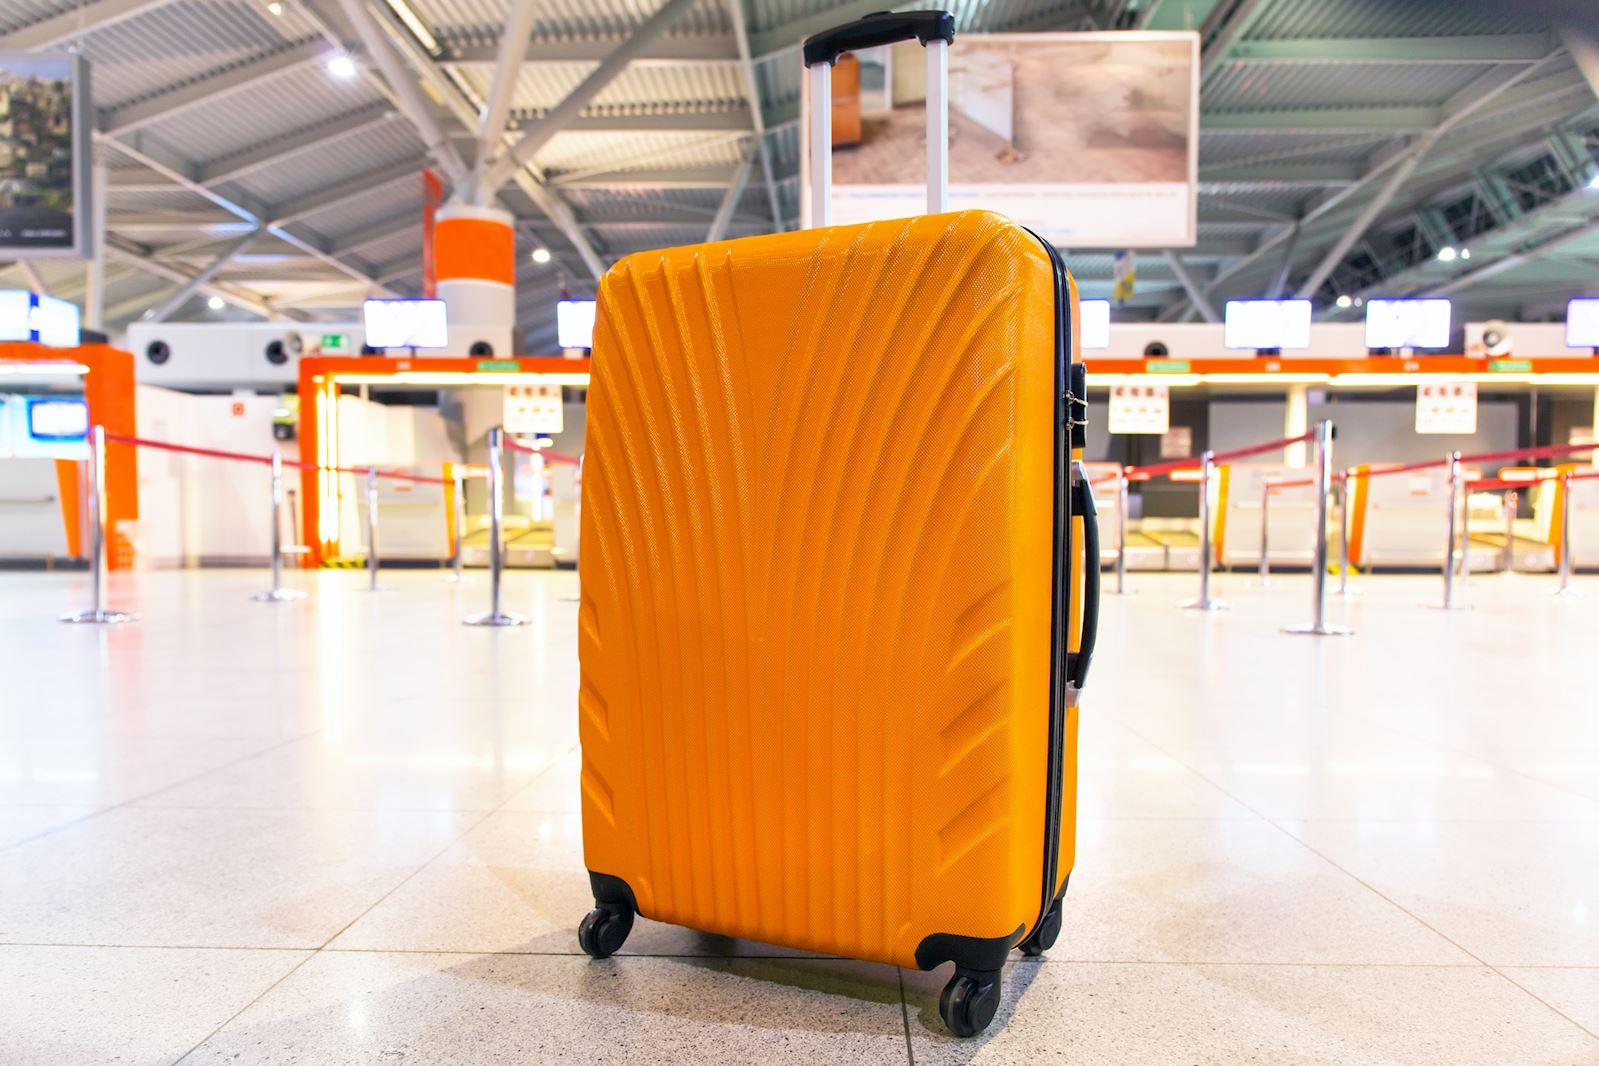 מזוודה בשדה התעופה